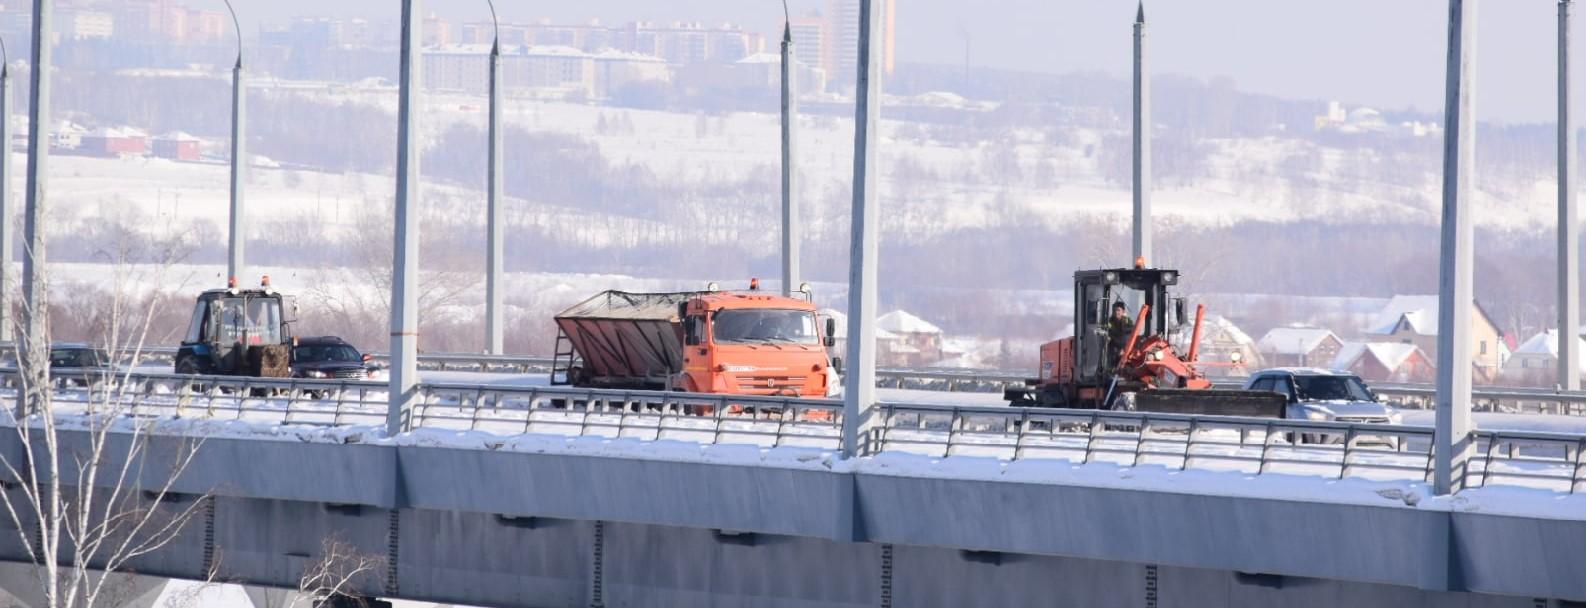 Мост коммунальщики нетипичный новосибирск чистка города к приезду Мишустина